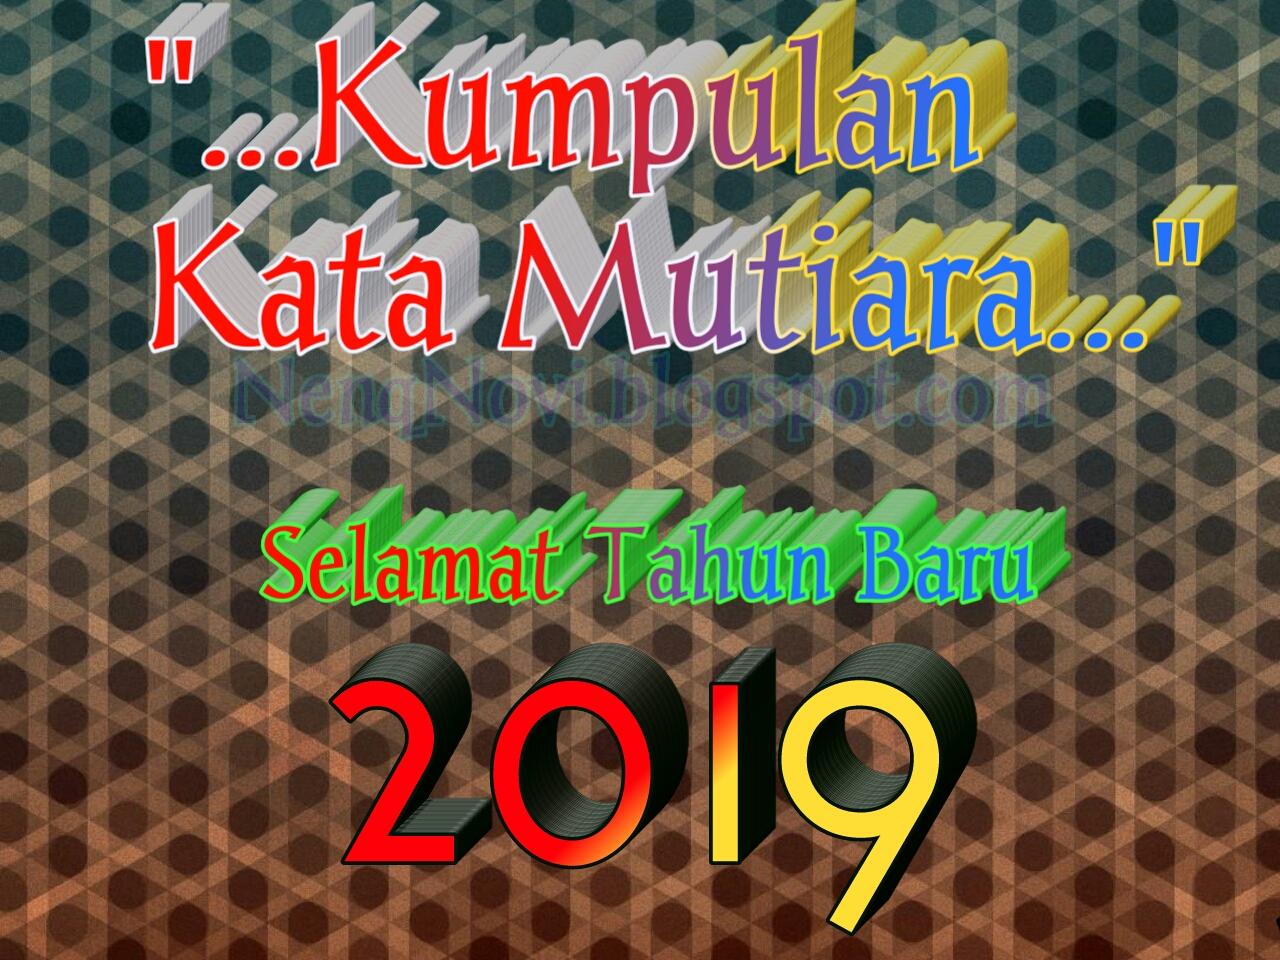 18 Kumpulan Kata Mutiara Selamat Tahun Baru 2019 Terbaru